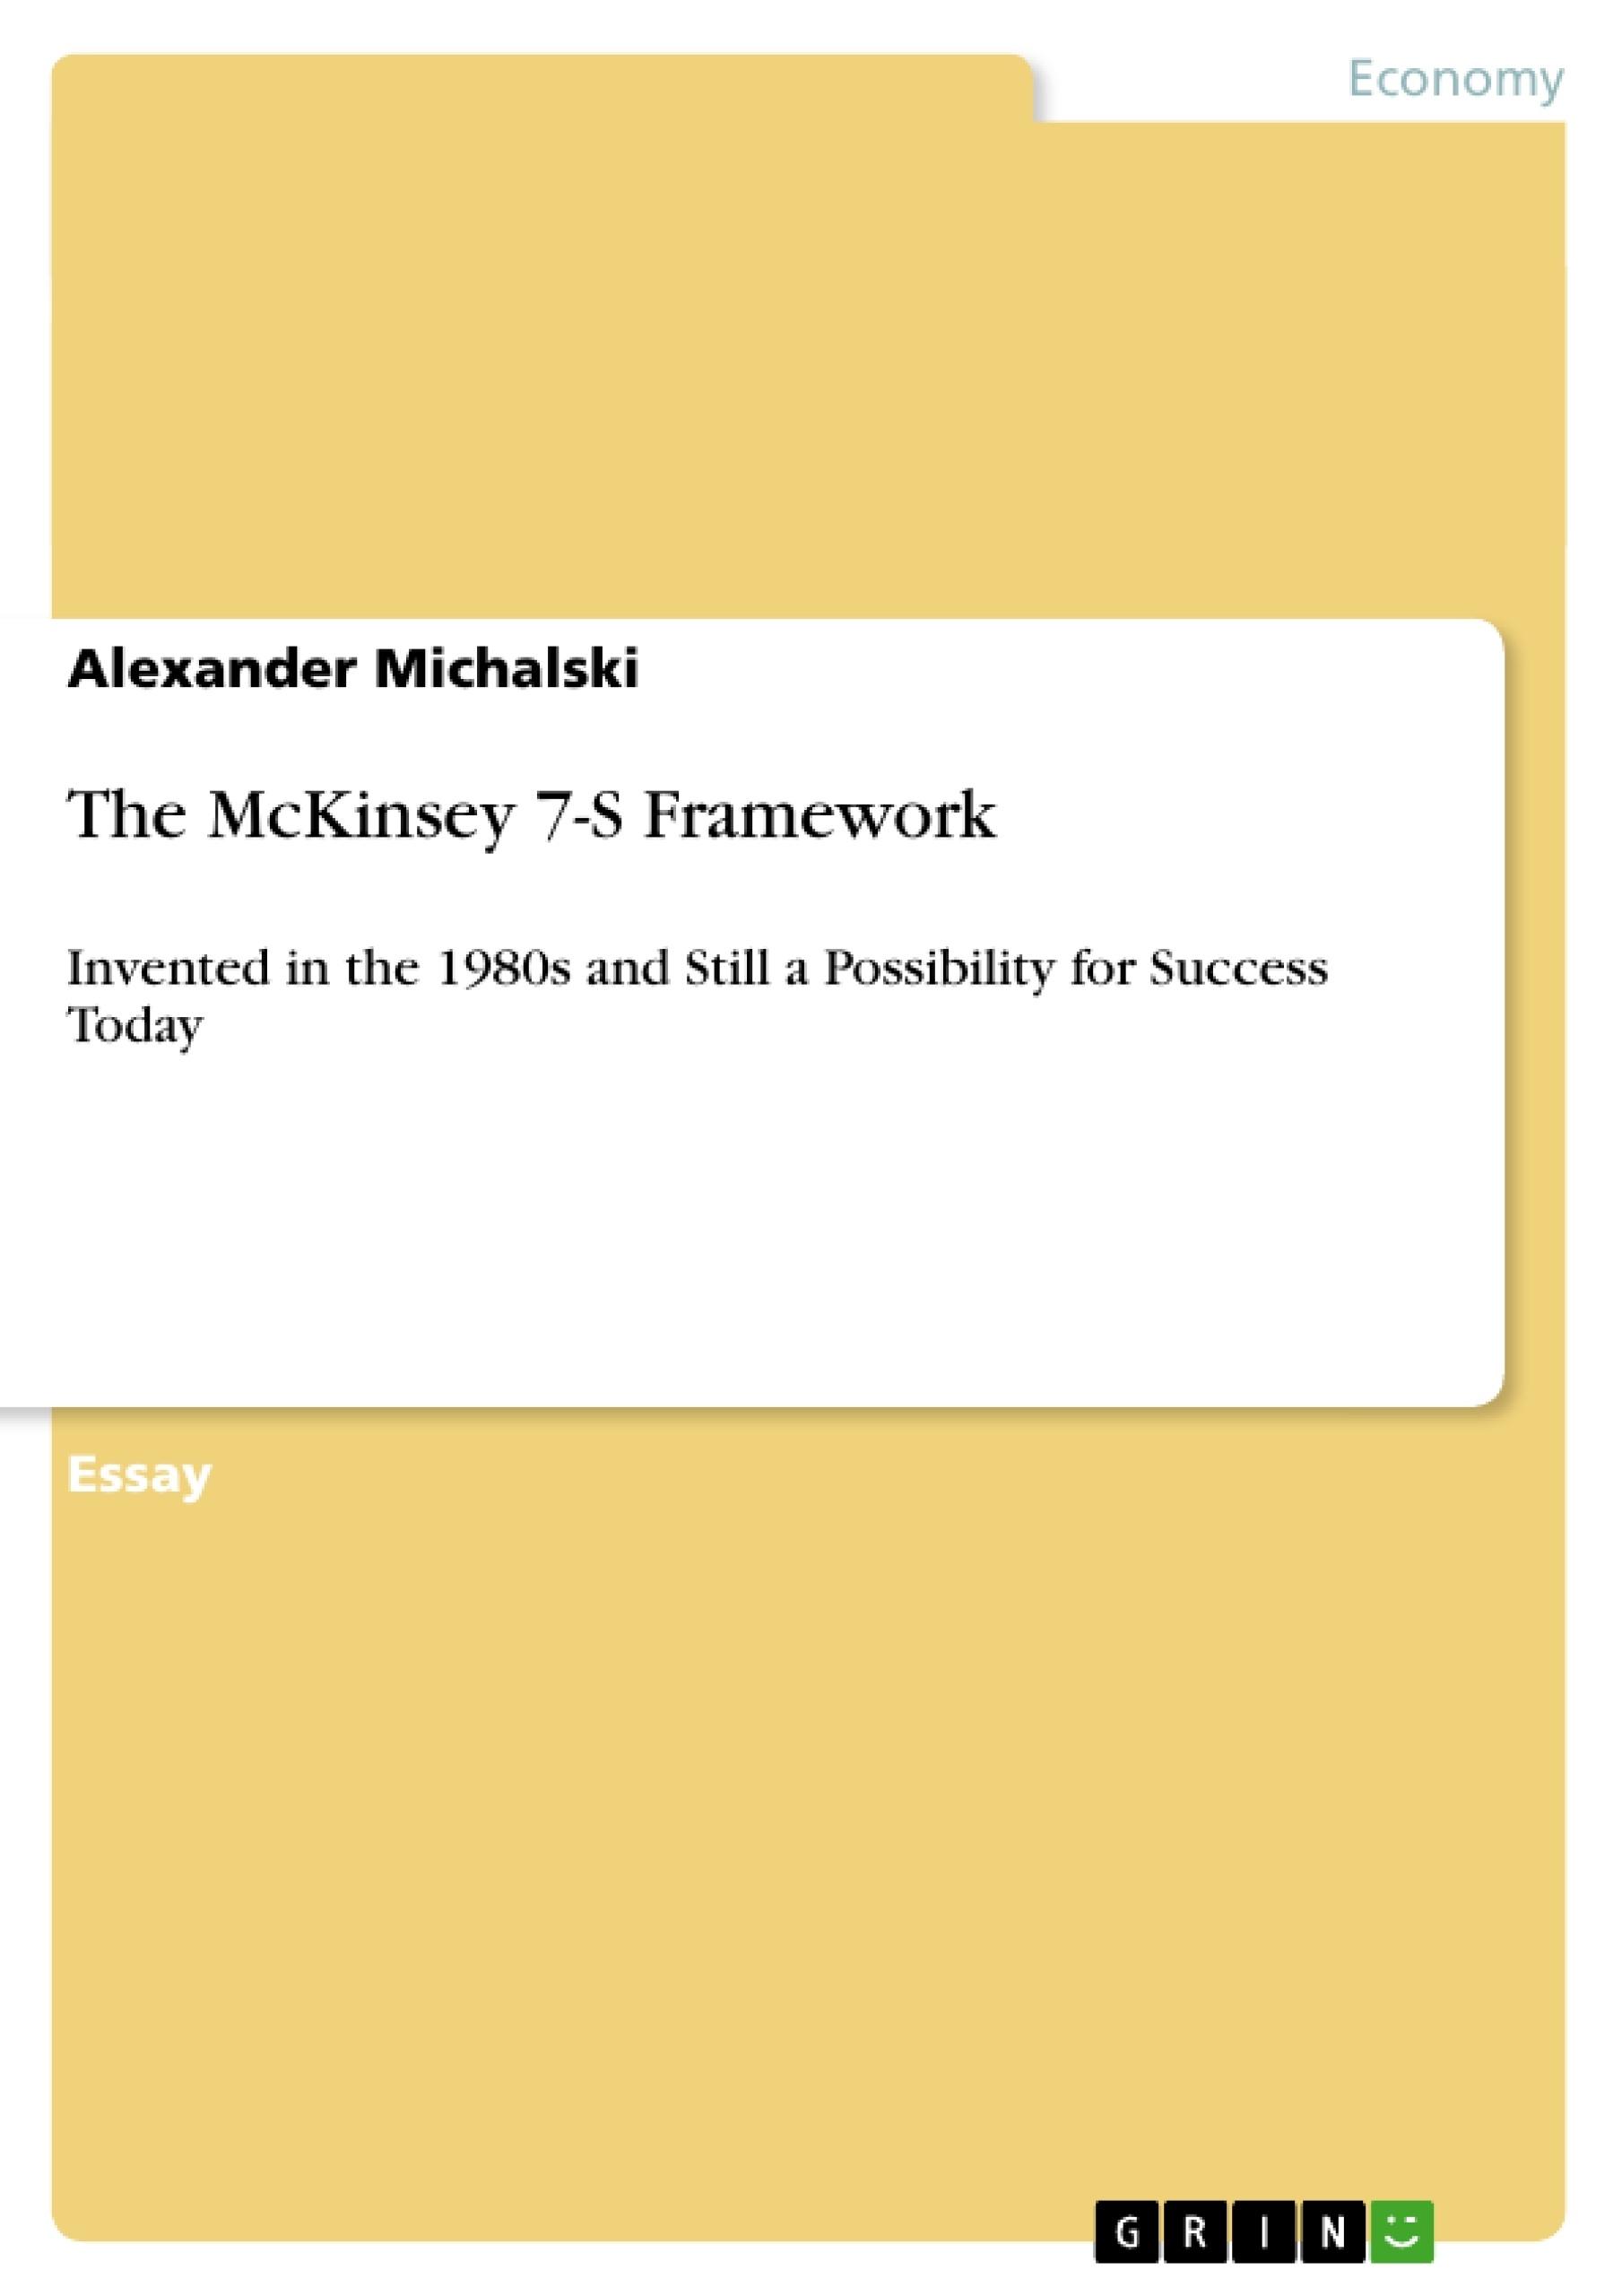 mckinsey 7s essay